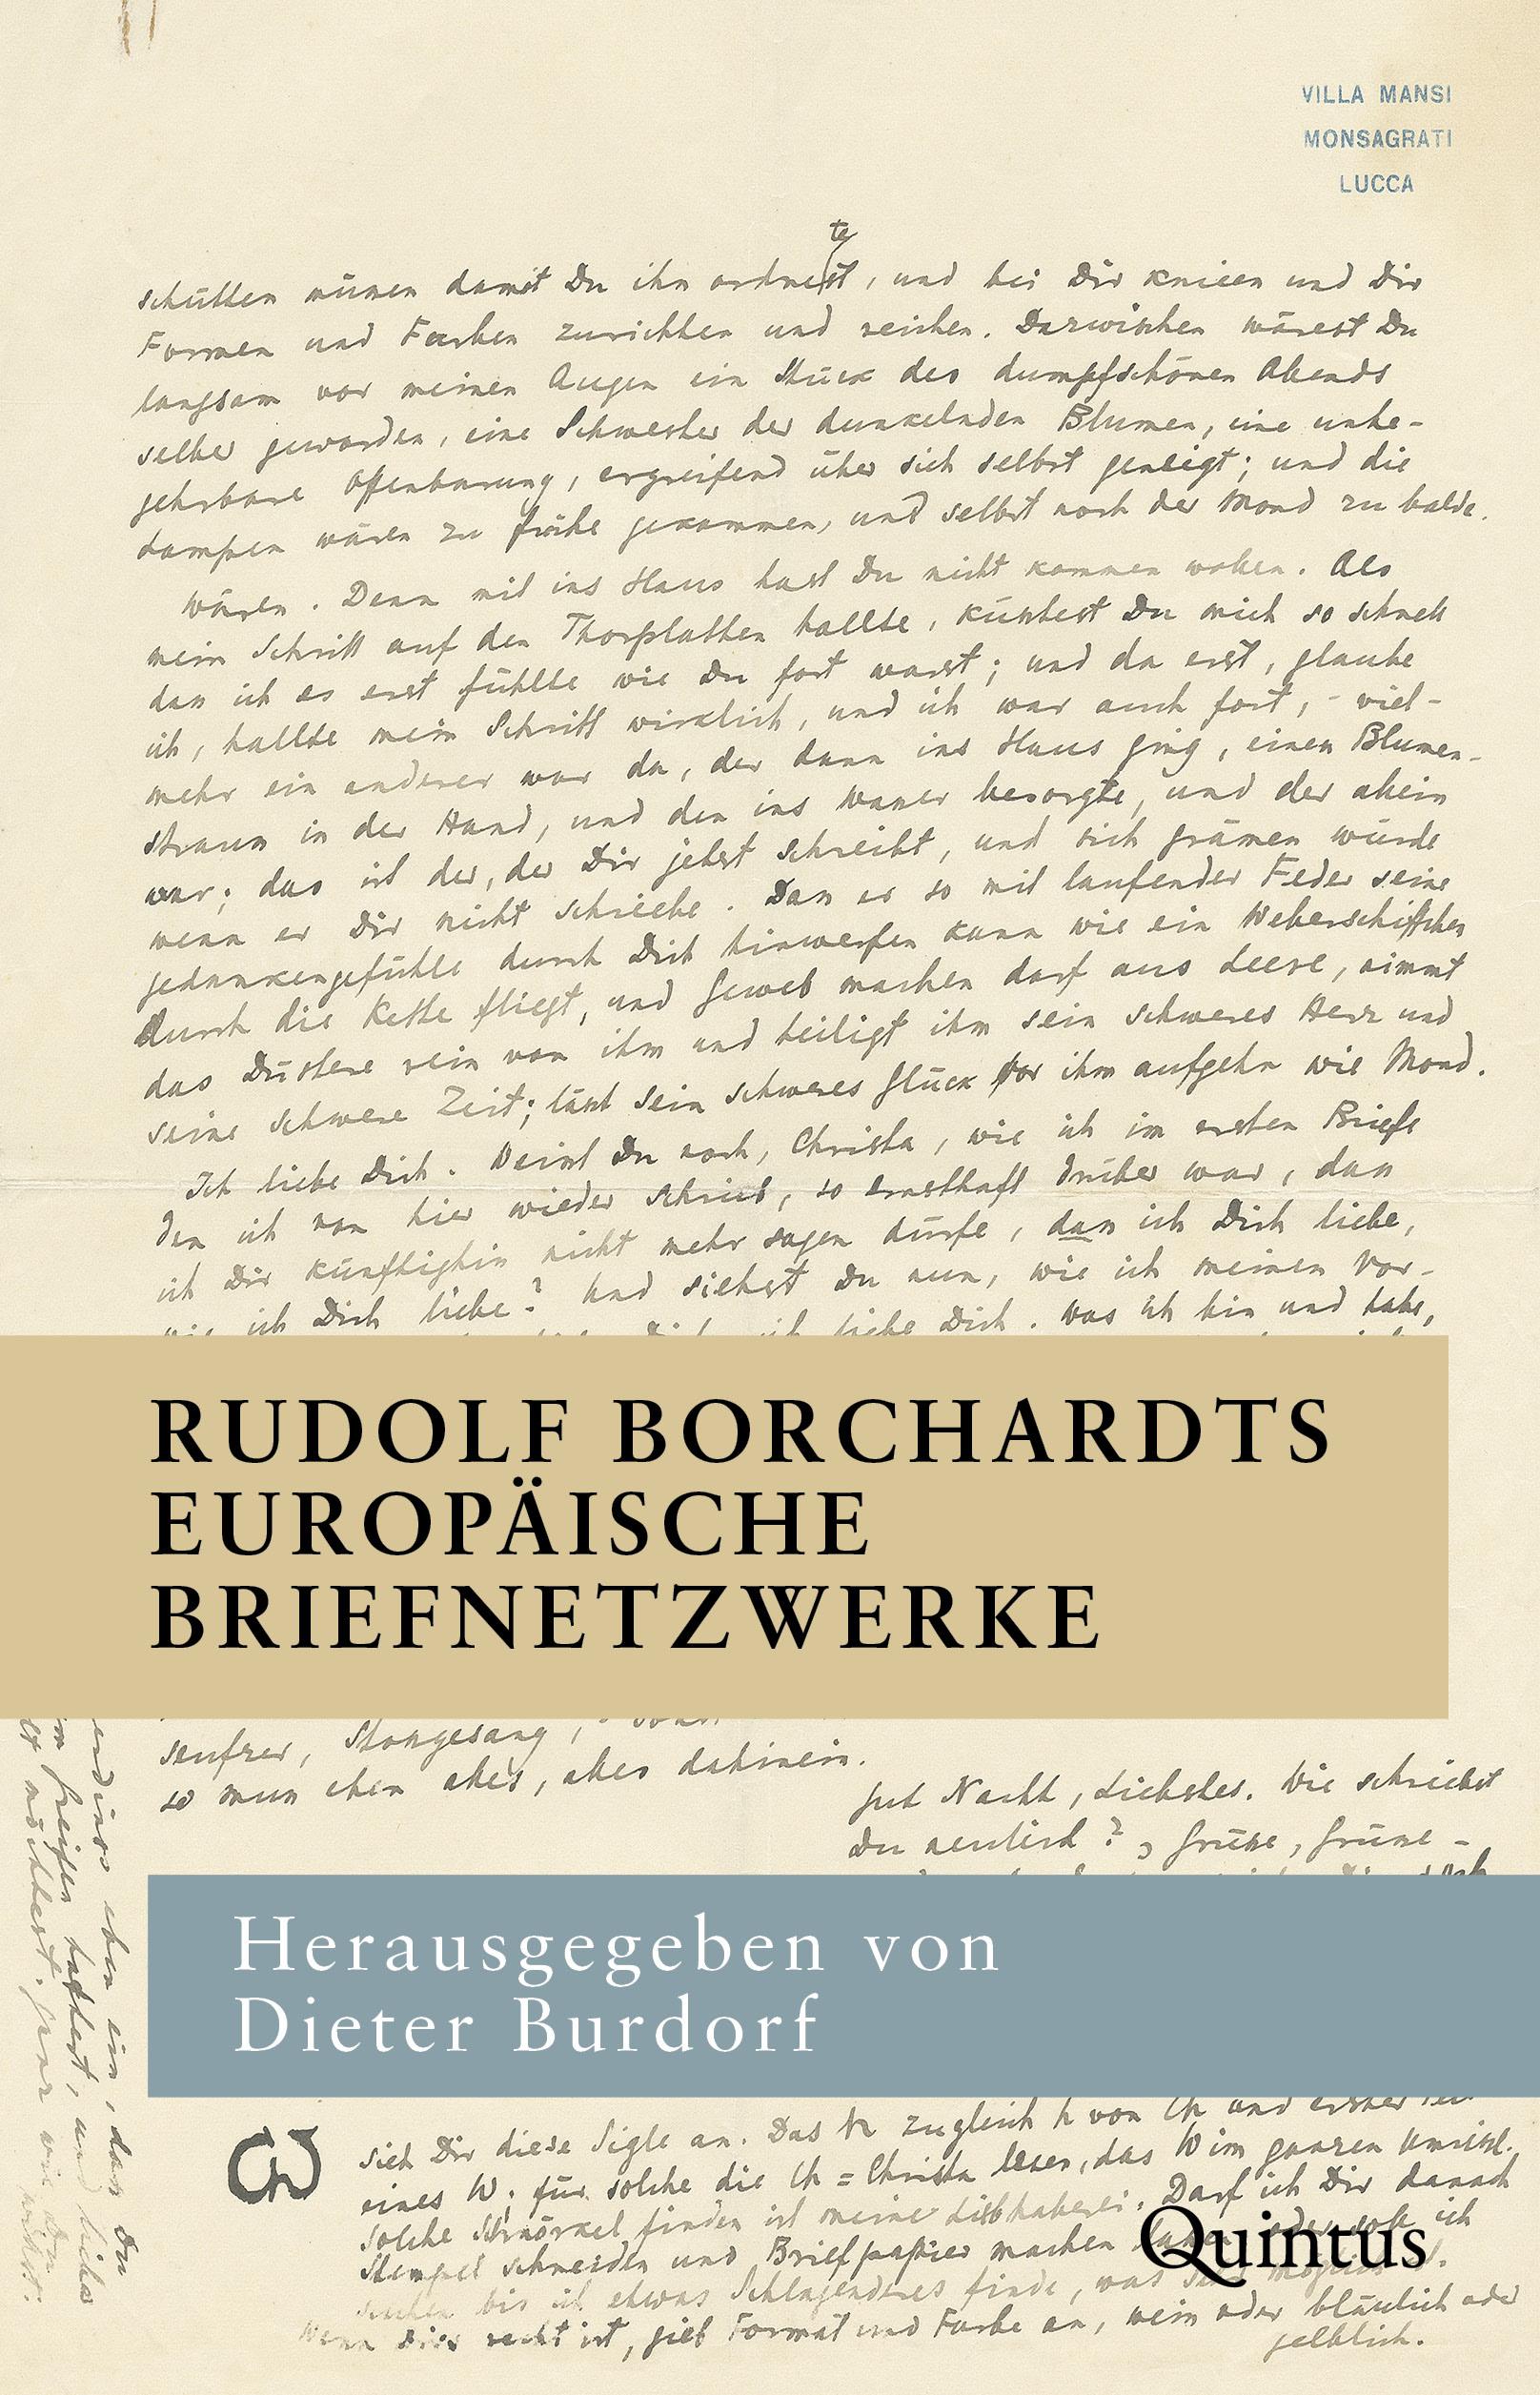 Rudolf Borchardts europäische Briefnetzwerke